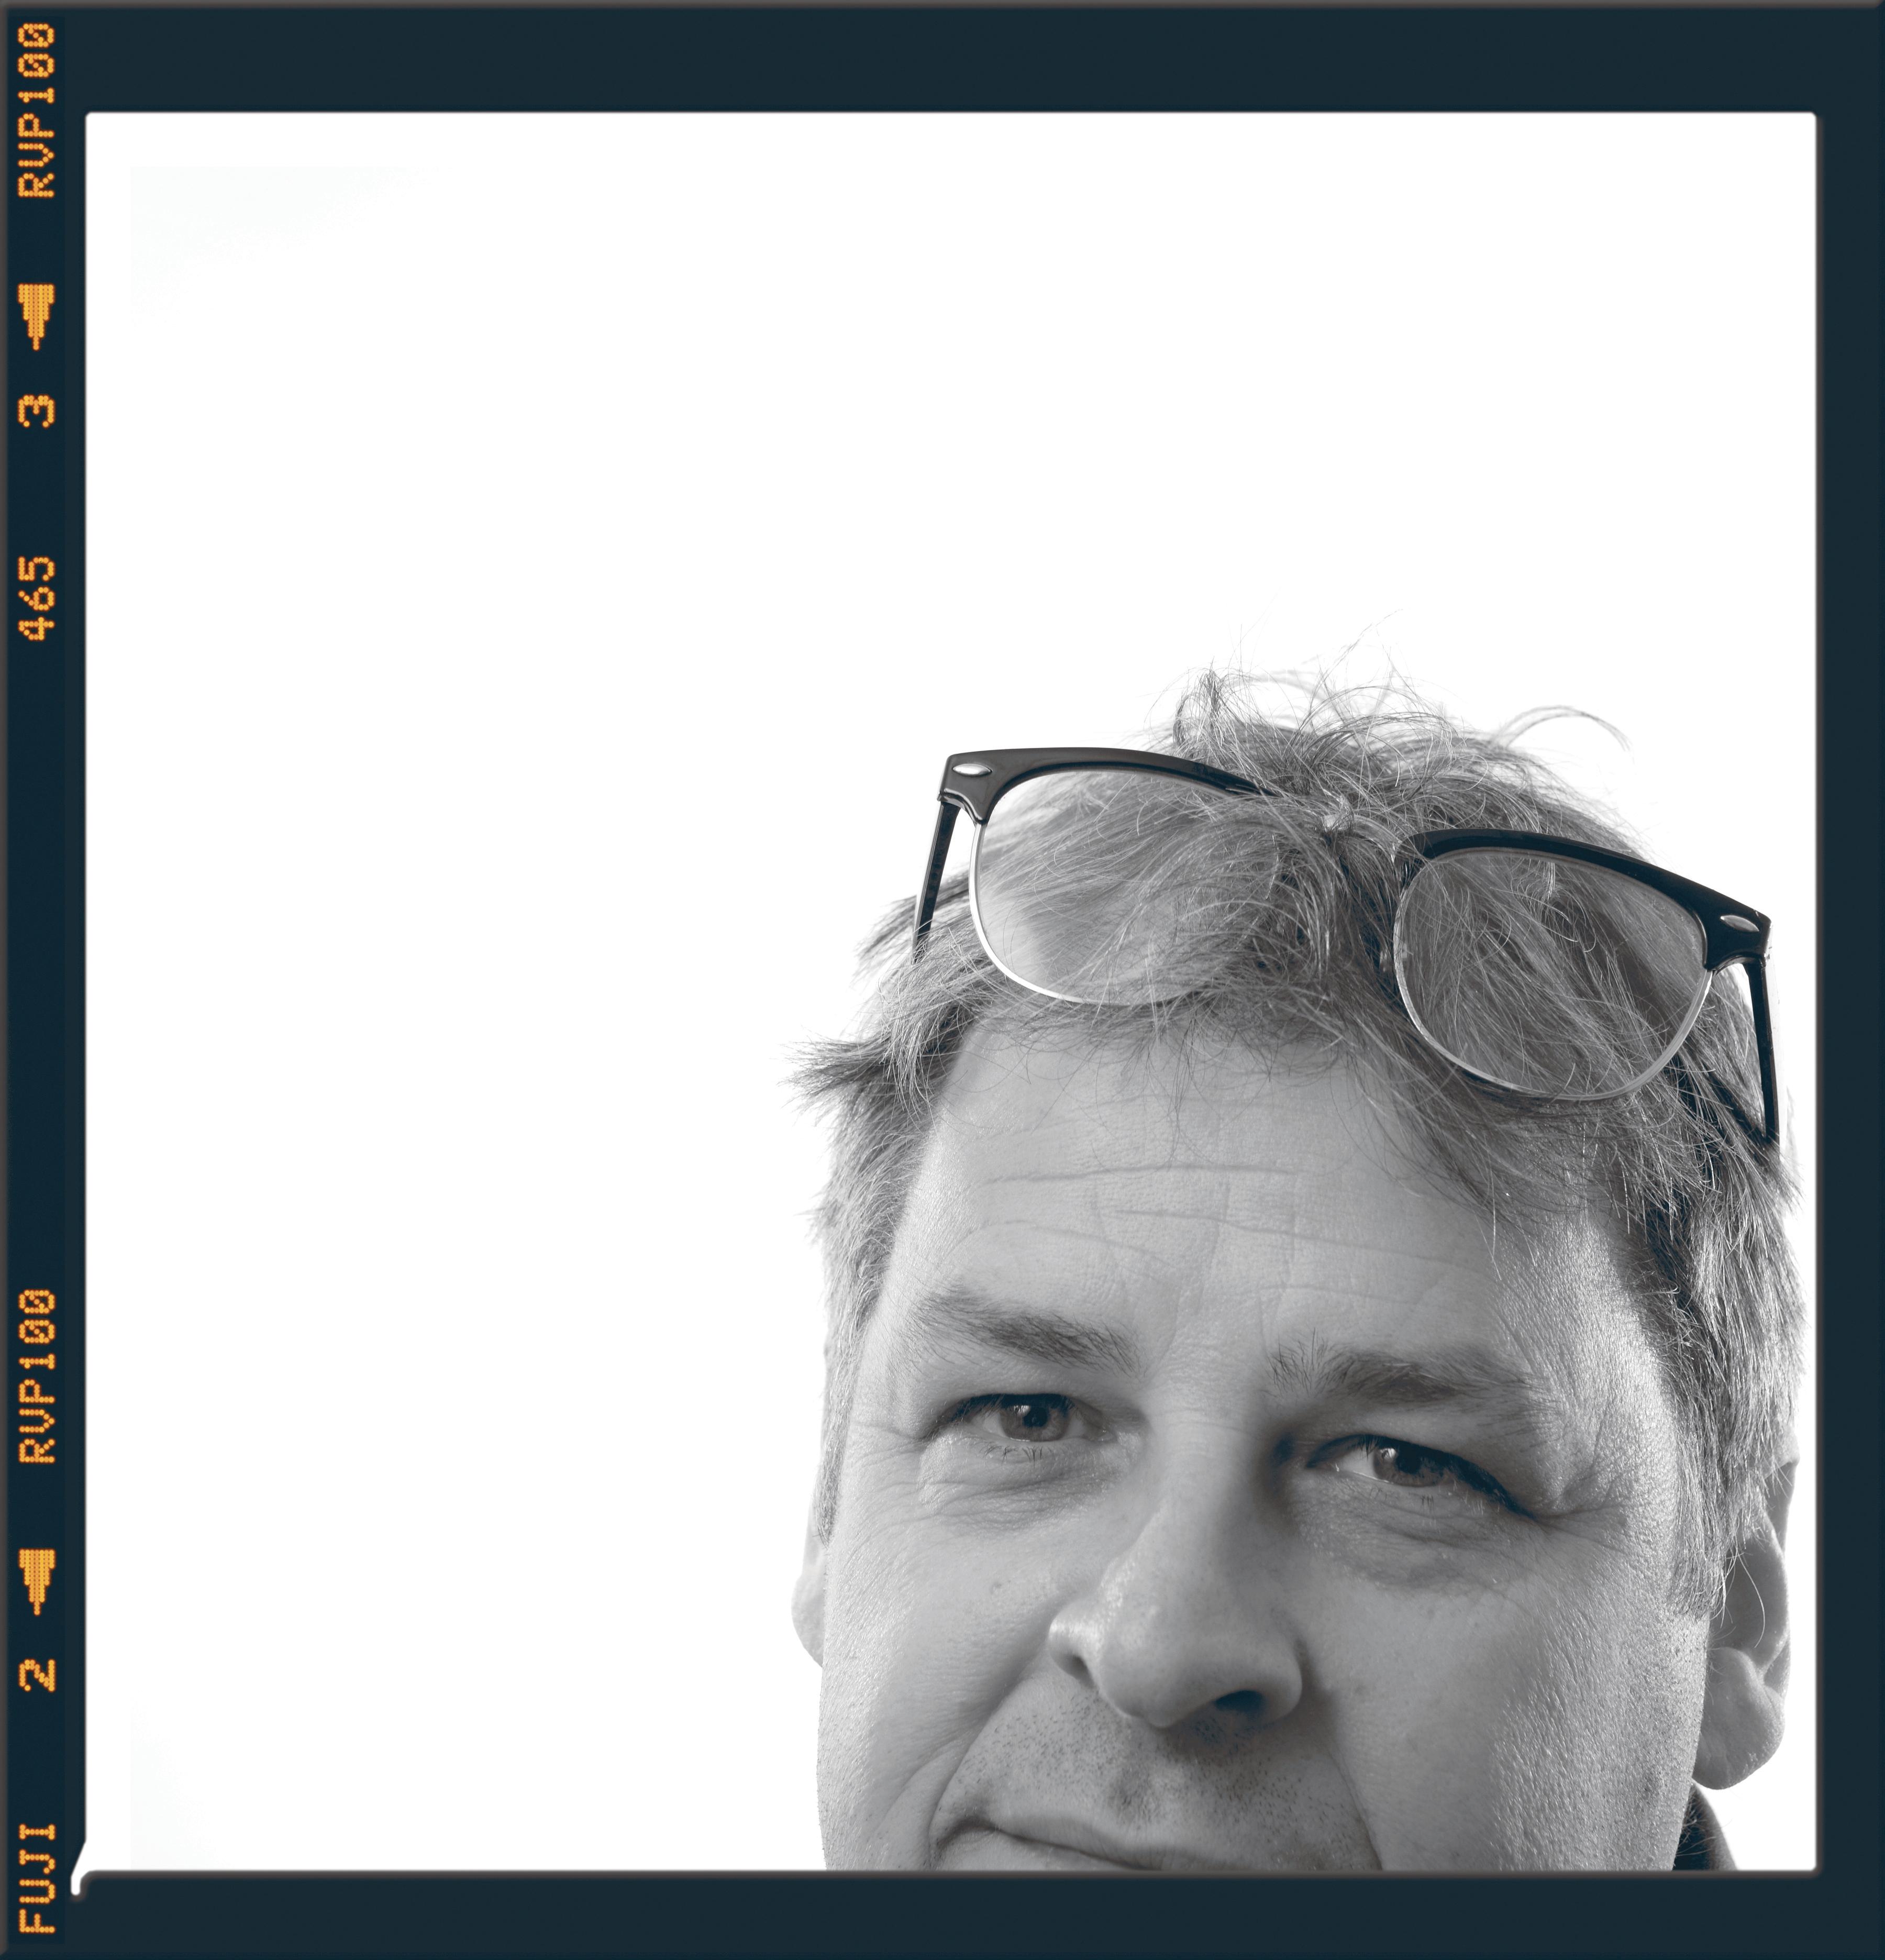 /o/d/x/Roberts_Peter_Ashurst_2013.jpg